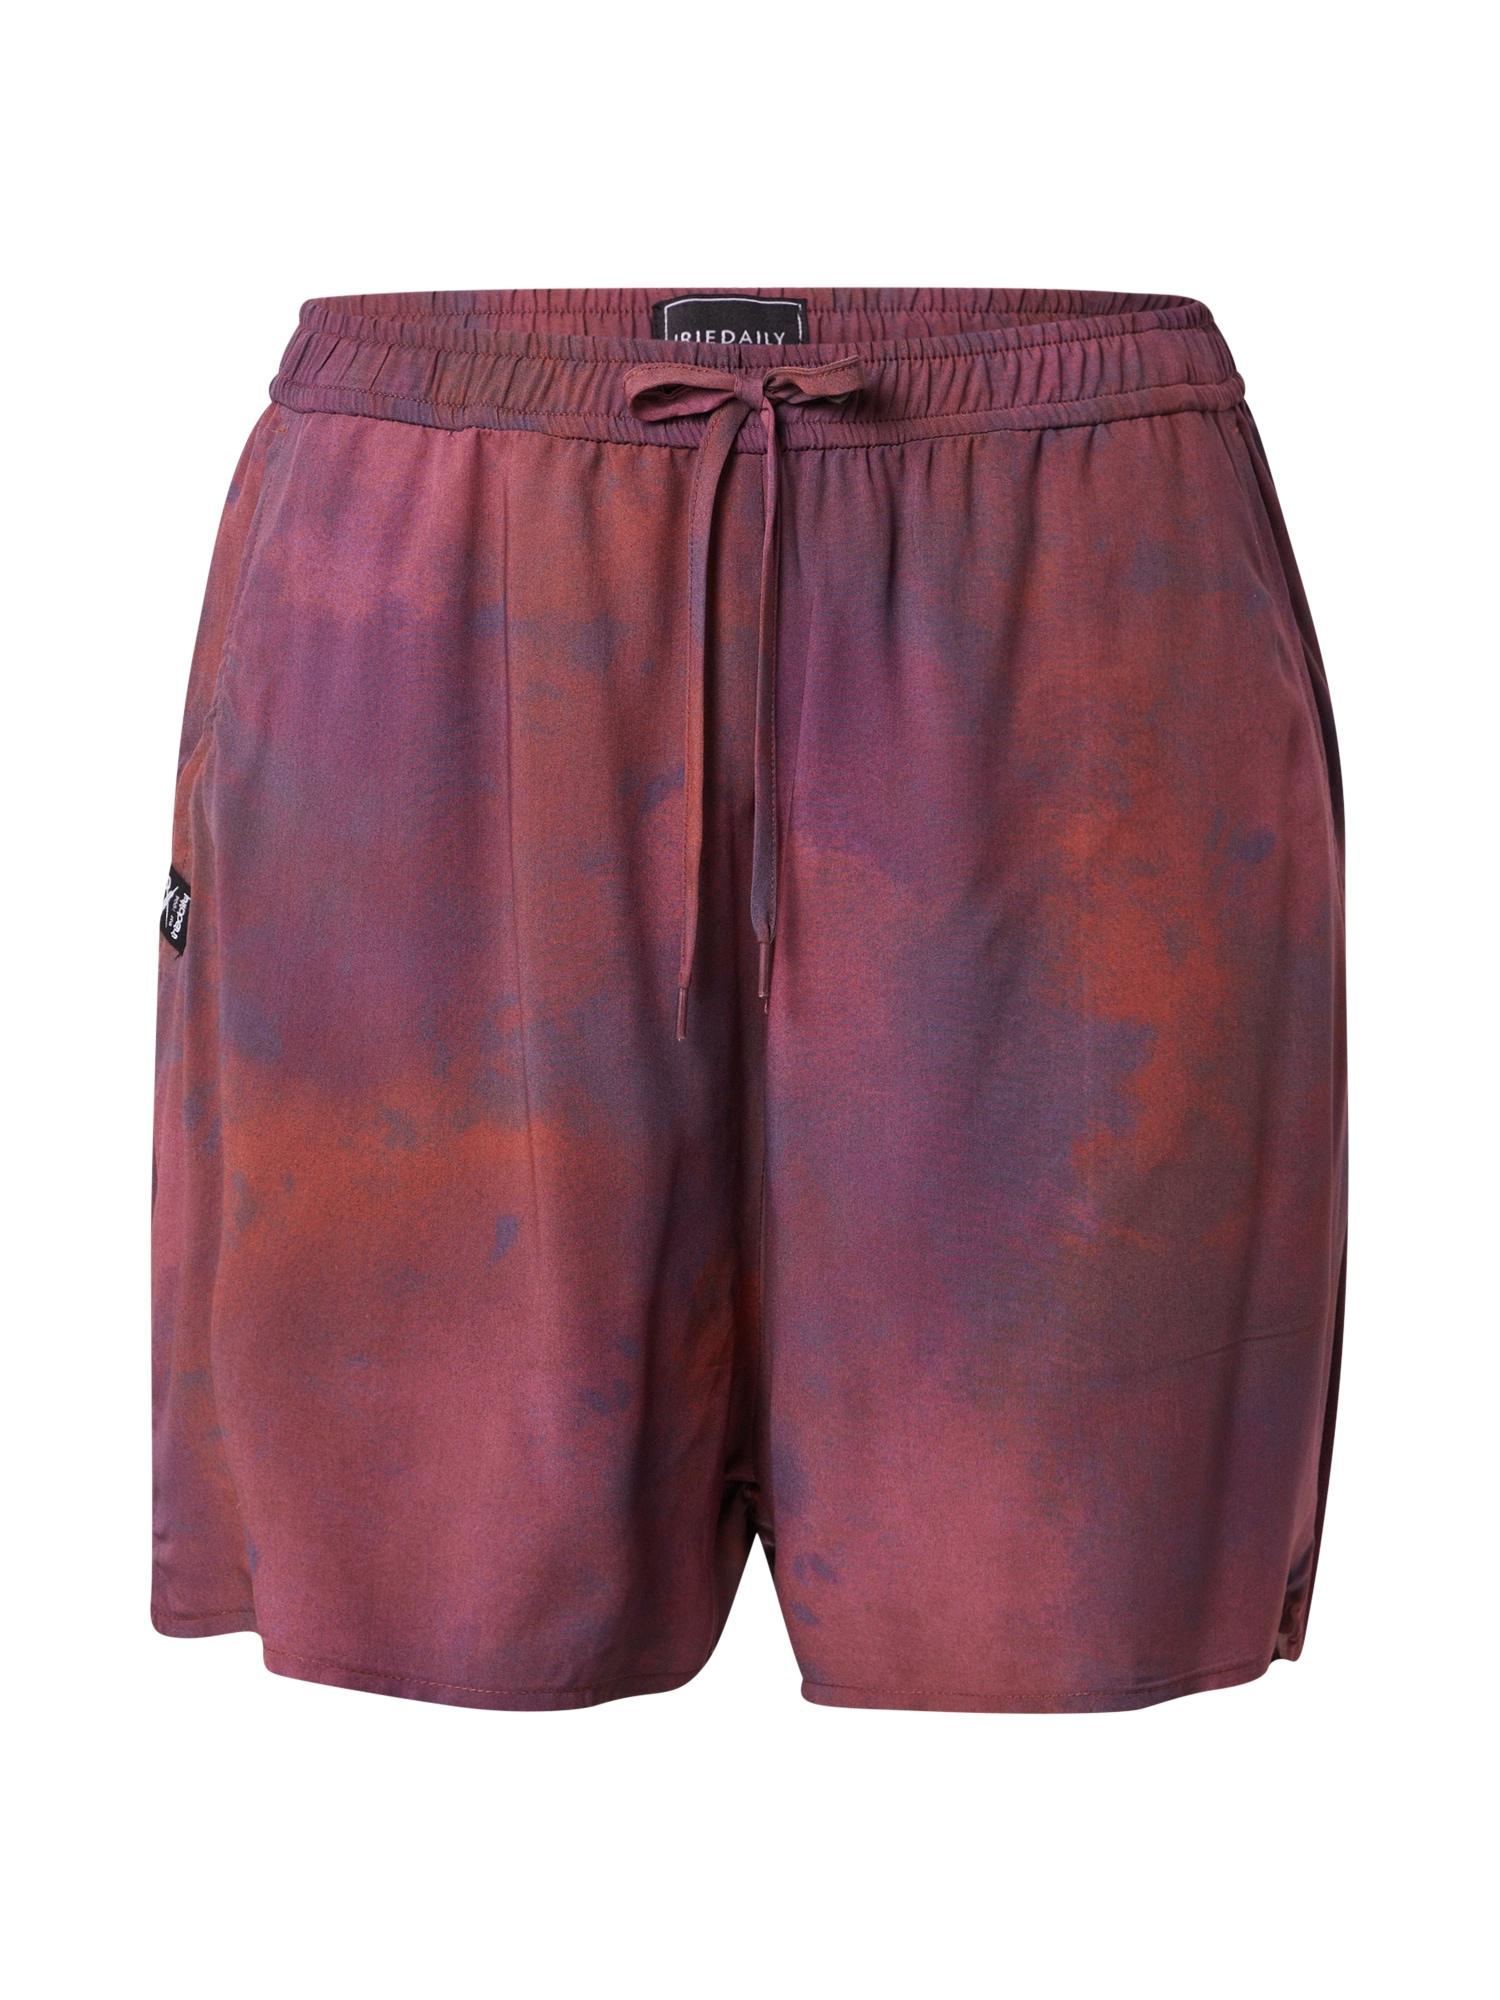 Iriedaily Kelnės raudonai violetinė / raudona / tamsiai violetinė